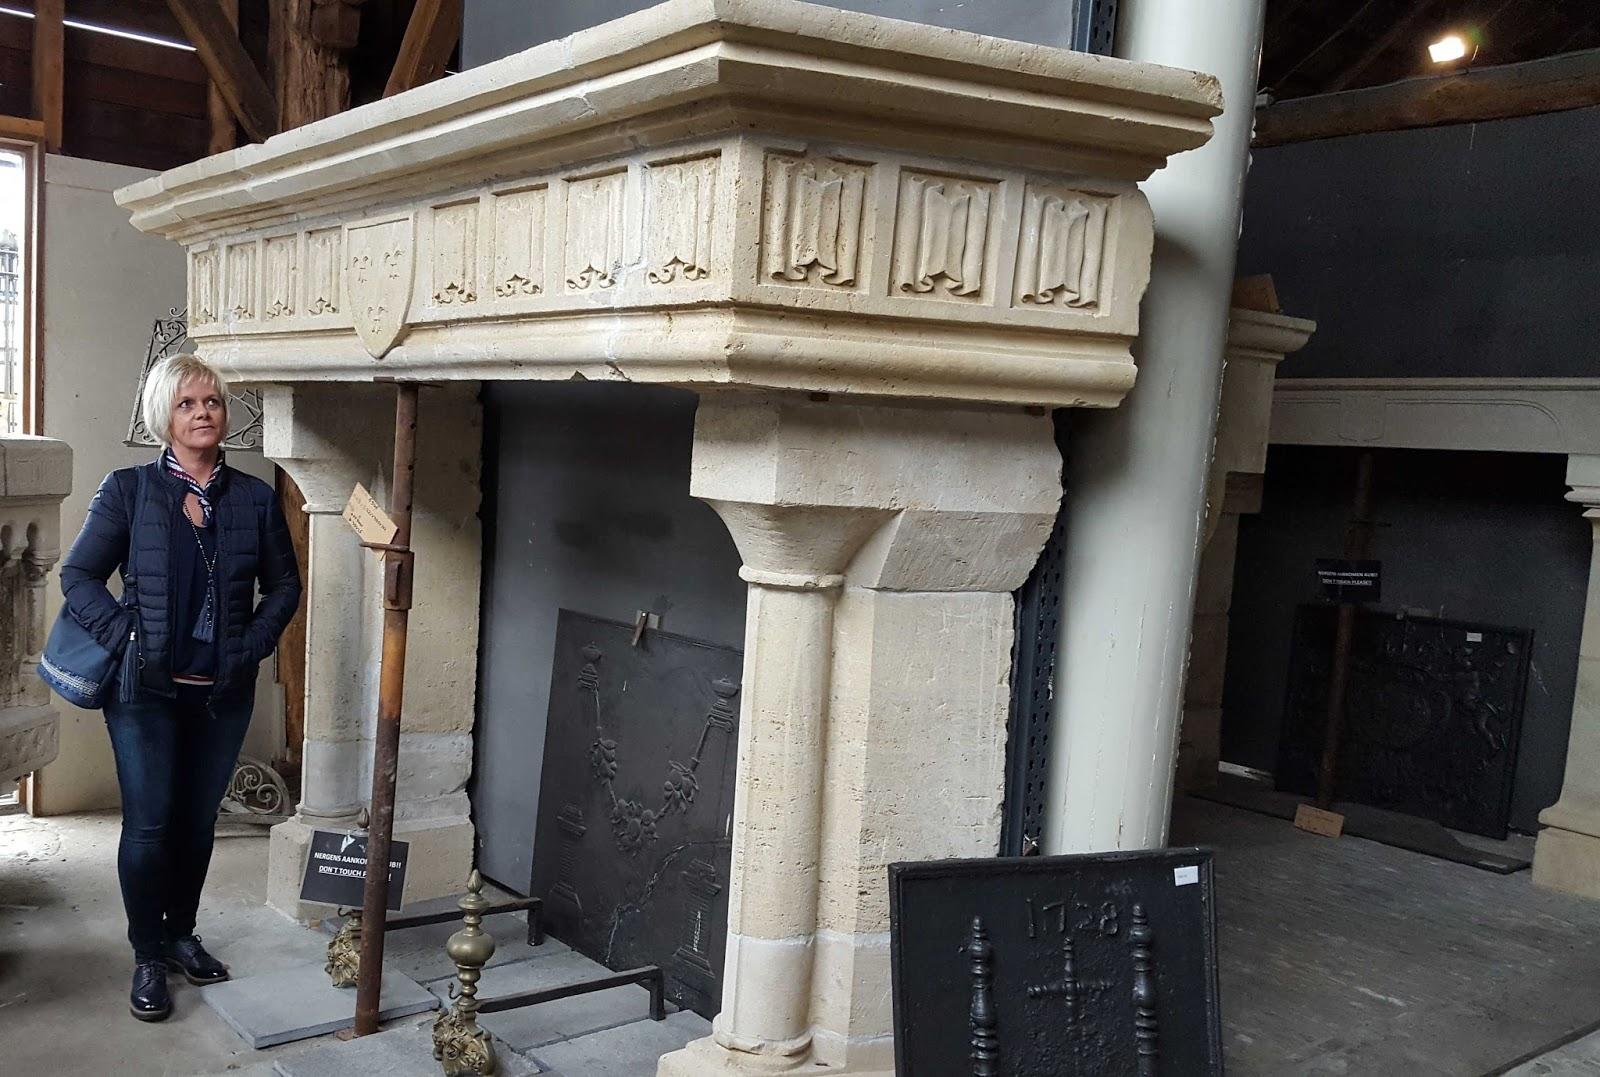 Antieke schouwen bij dalemans dalemans interieur haarden kachels